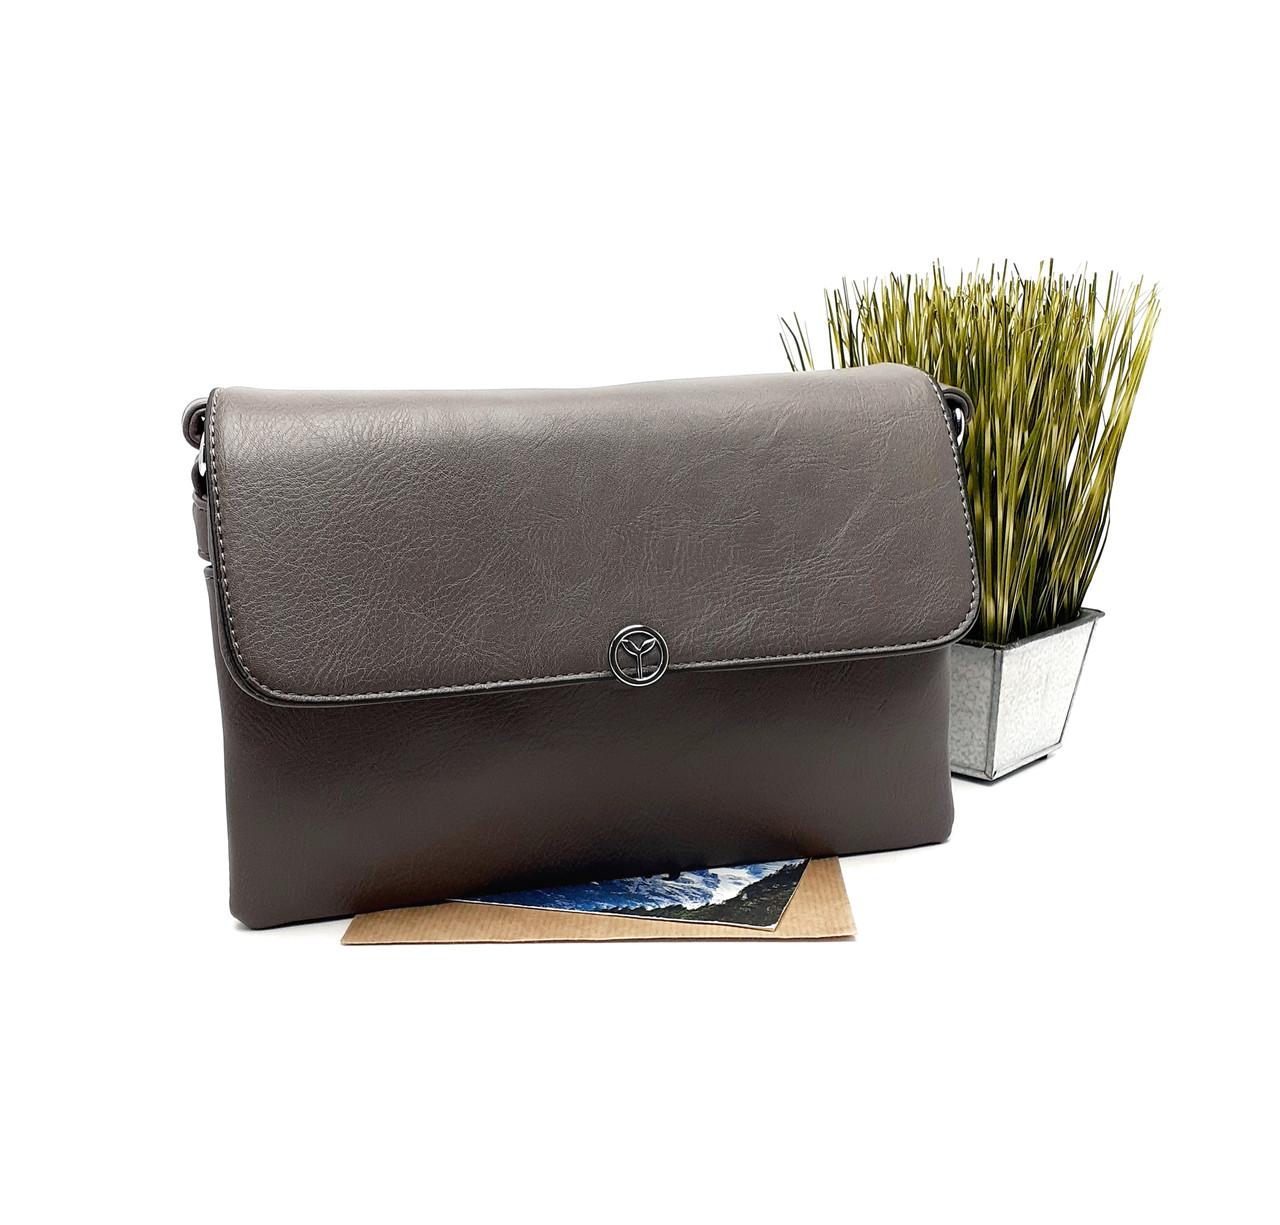 Жіноча сумка клатч із шкірозамінника сірий Арт.F-60425 Weiliya (Китай)